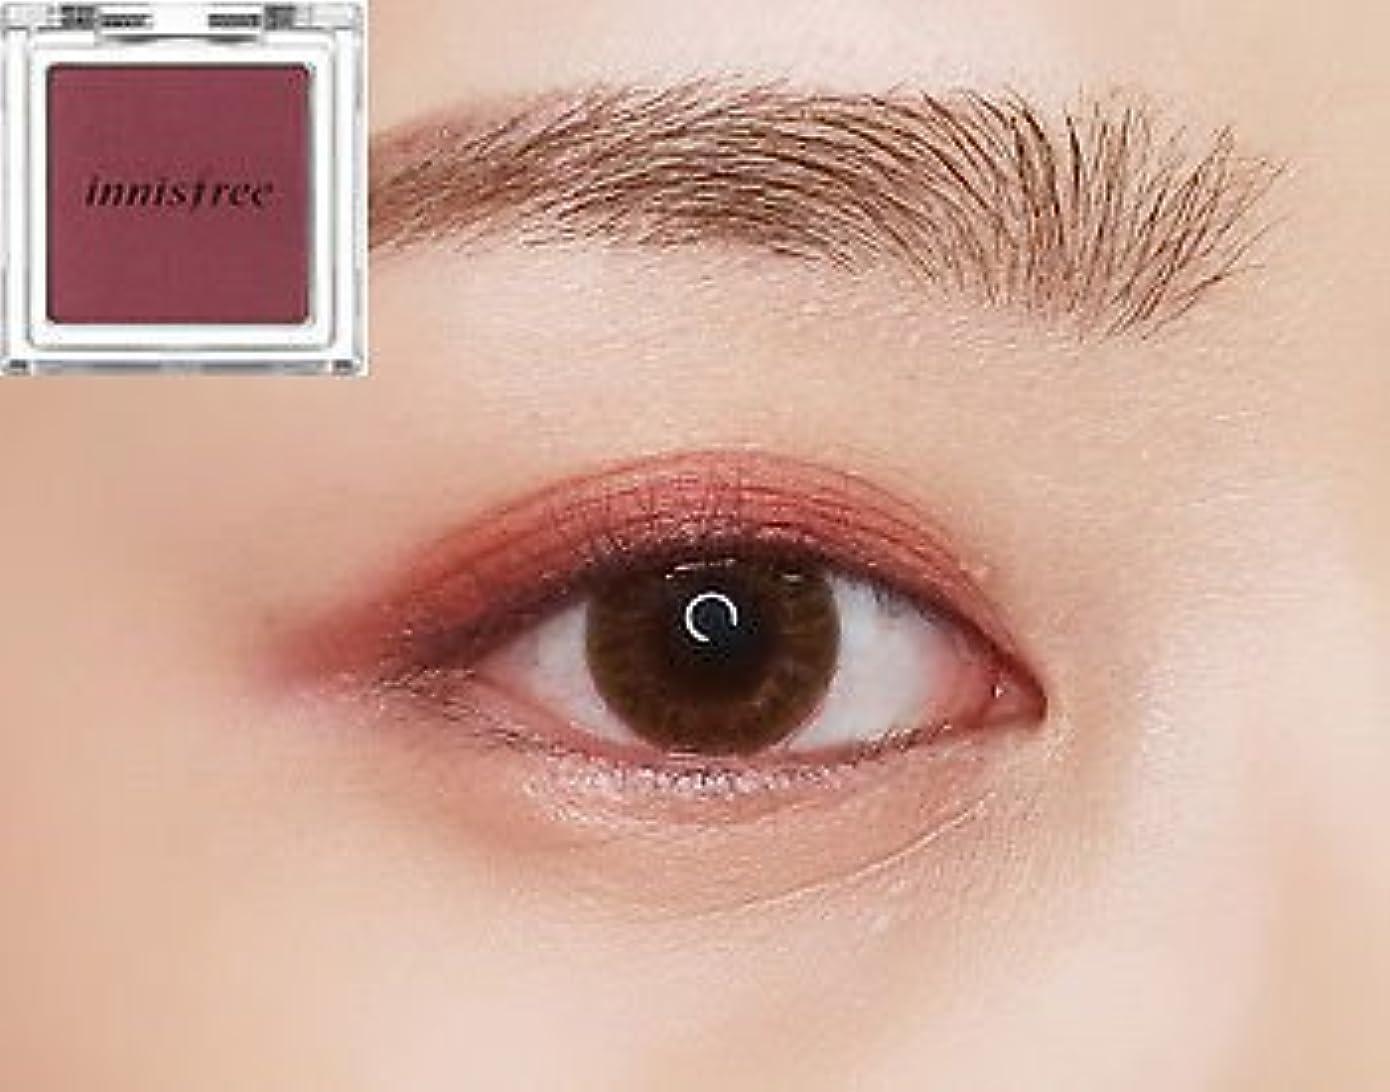 散髪投票夫婦[イニスフリー] innisfree [マイ パレット マイ アイシャドウ (シマ一) 39カラー] MY PALETTE My Eyeshadow (Shimmer) 39 Shades [海外直送品] (シマ一 #25)